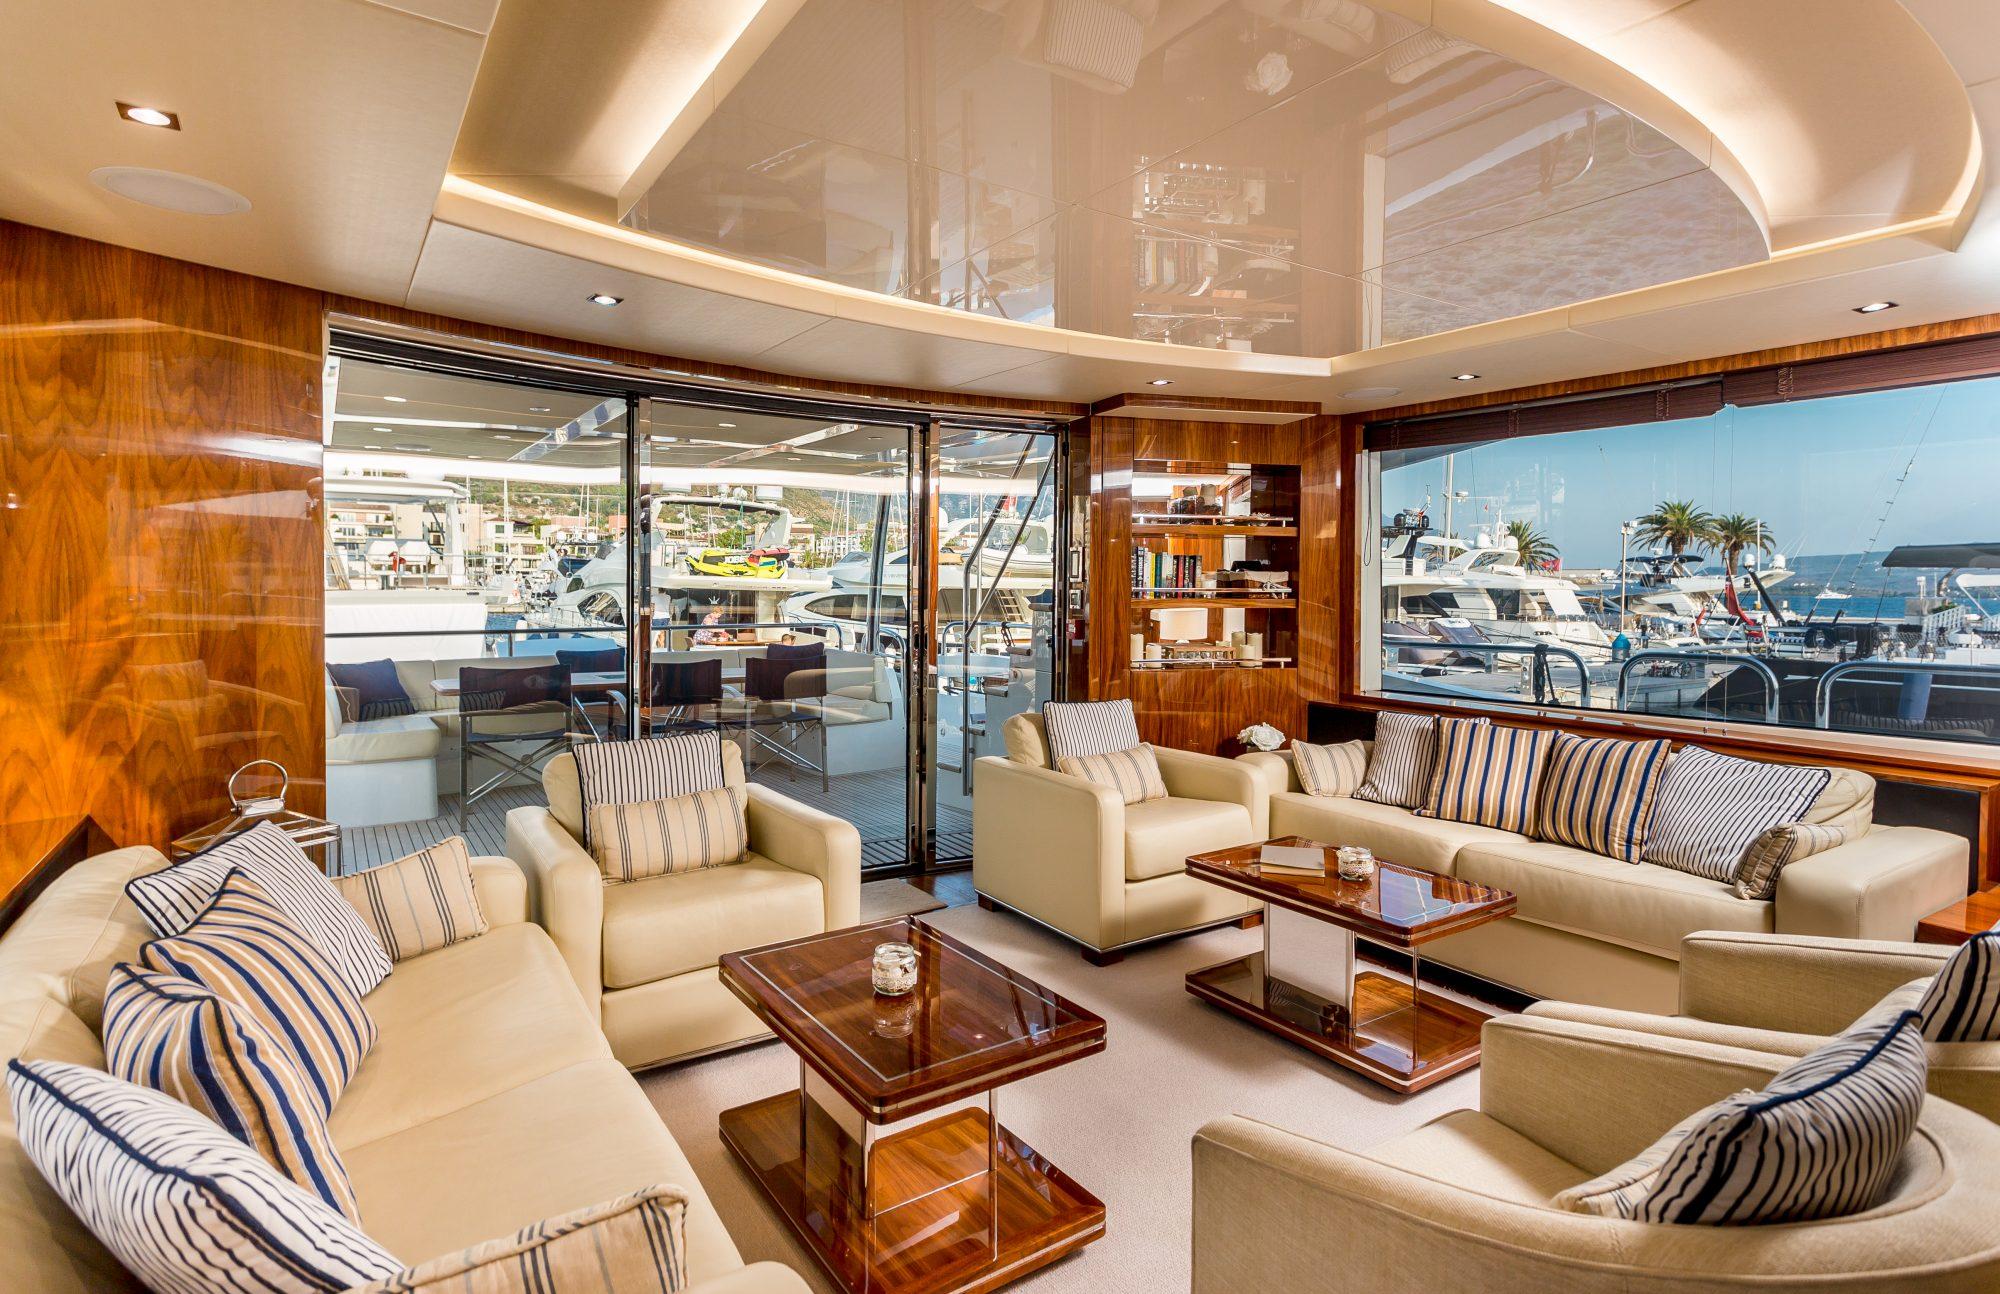 Sunseeker 86 Yacht - Stardust of Poole - Saloon